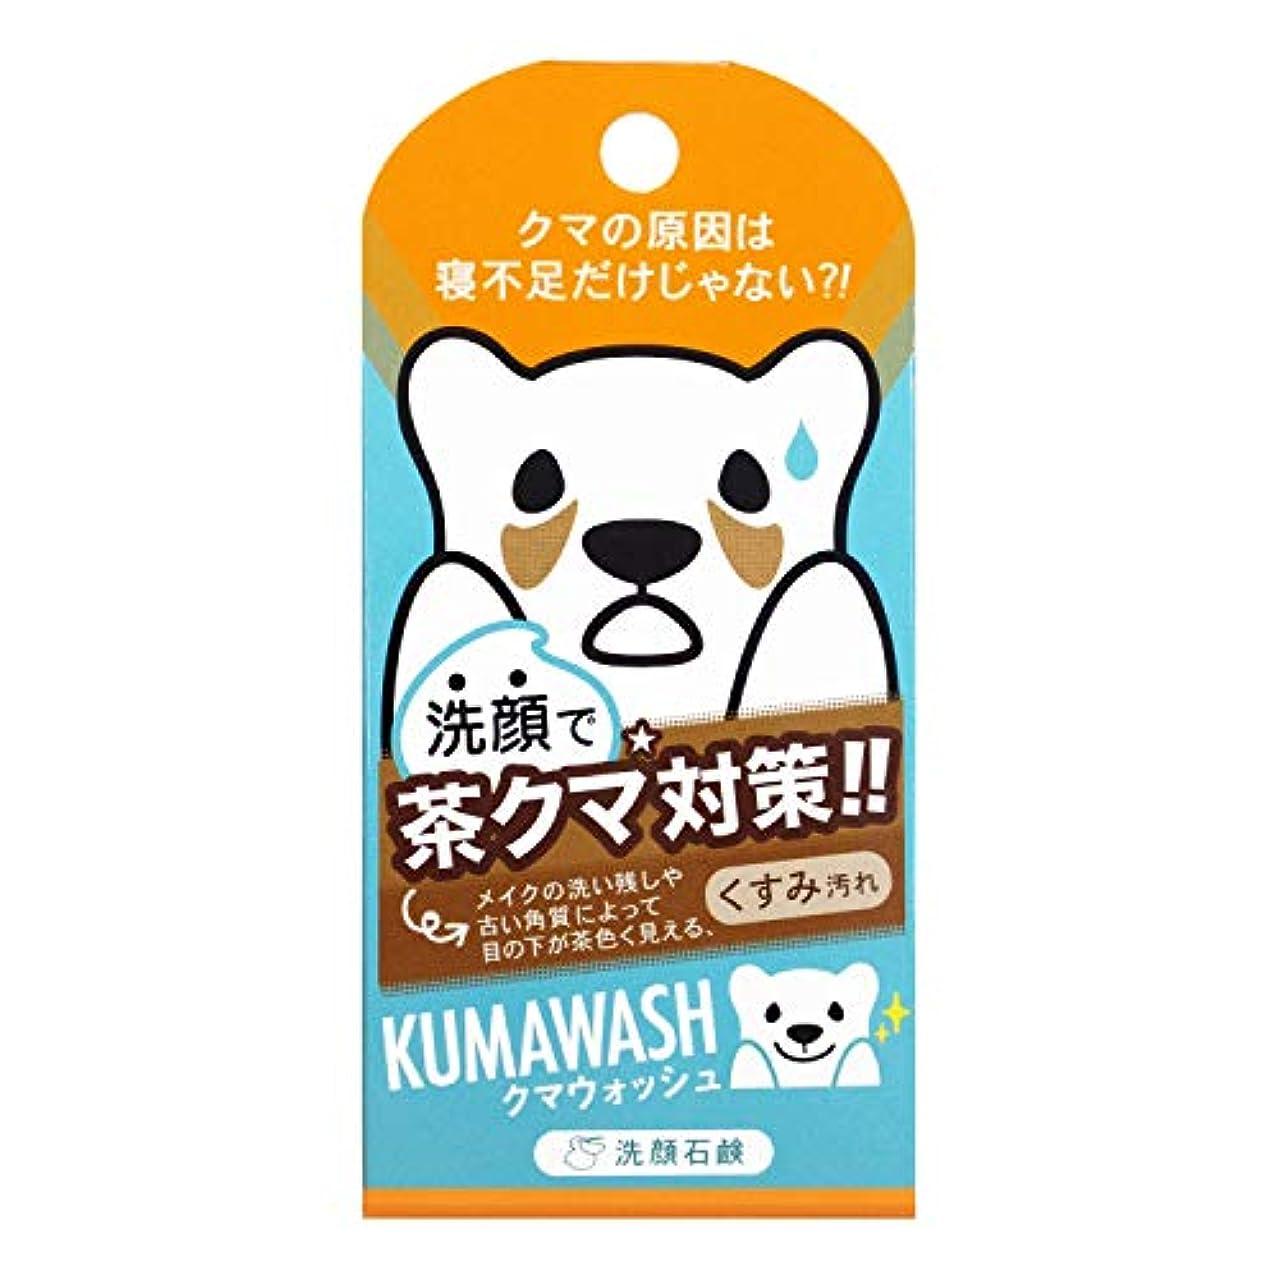 おじさん傾向がありますブラストペリカン石鹸 クマウォッシュ洗顔石鹸 75g